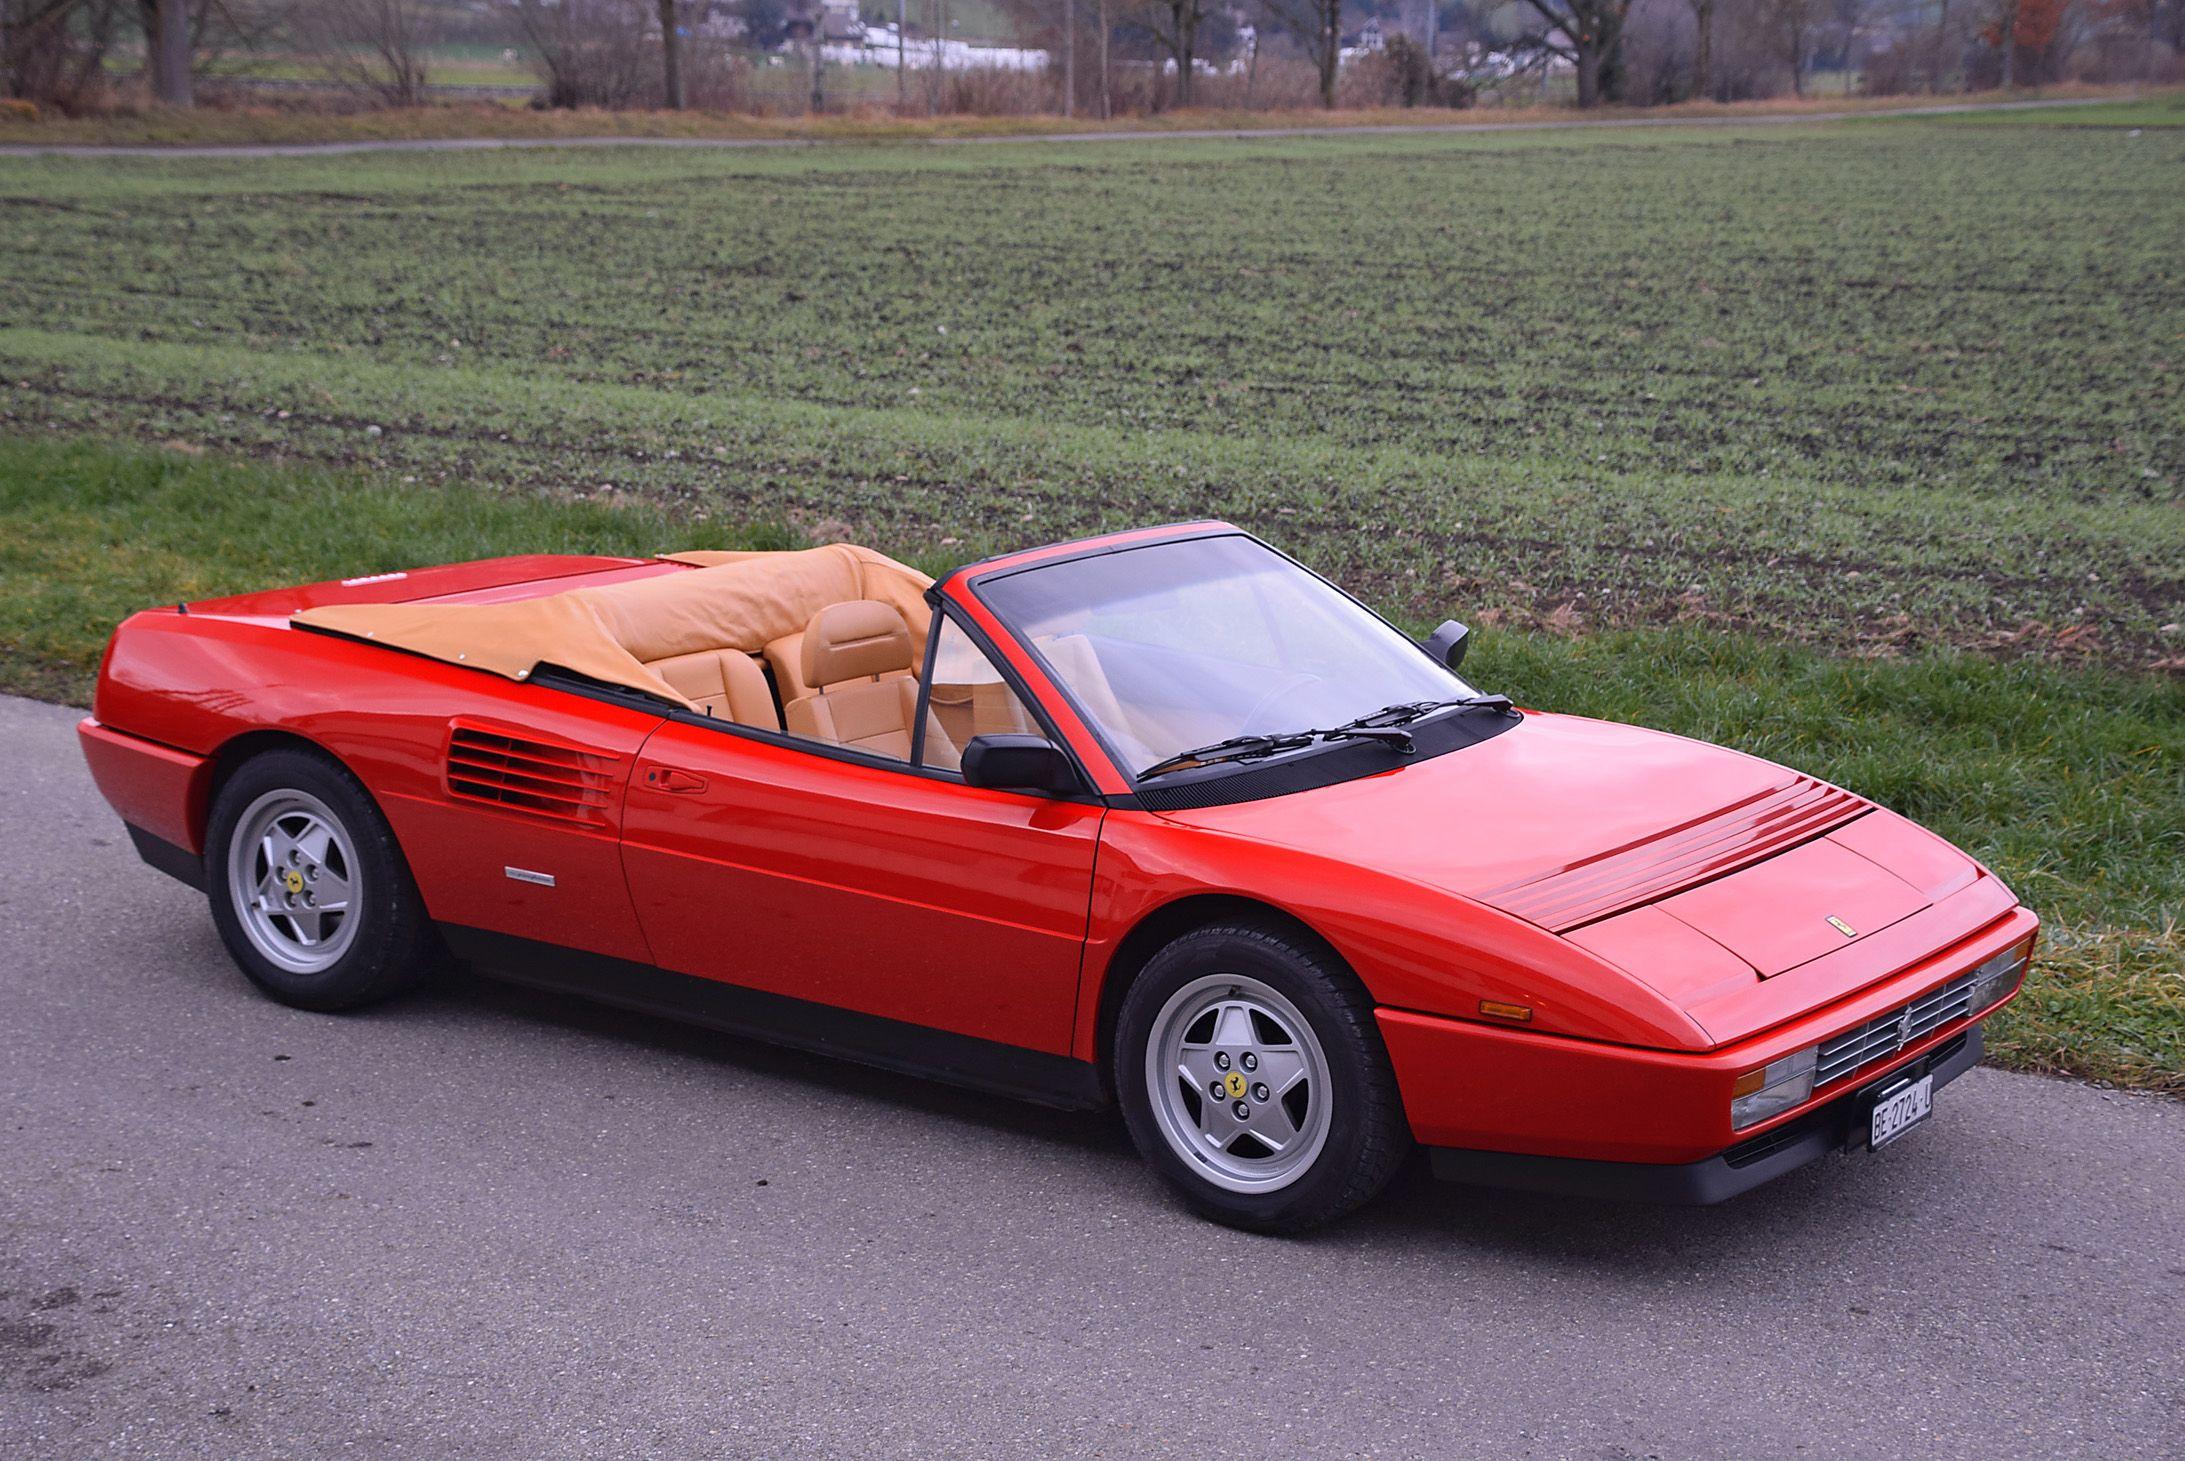 Ferrari Mondial 3 4 T Cabriolet 1991 Auktionen Preisarchiv